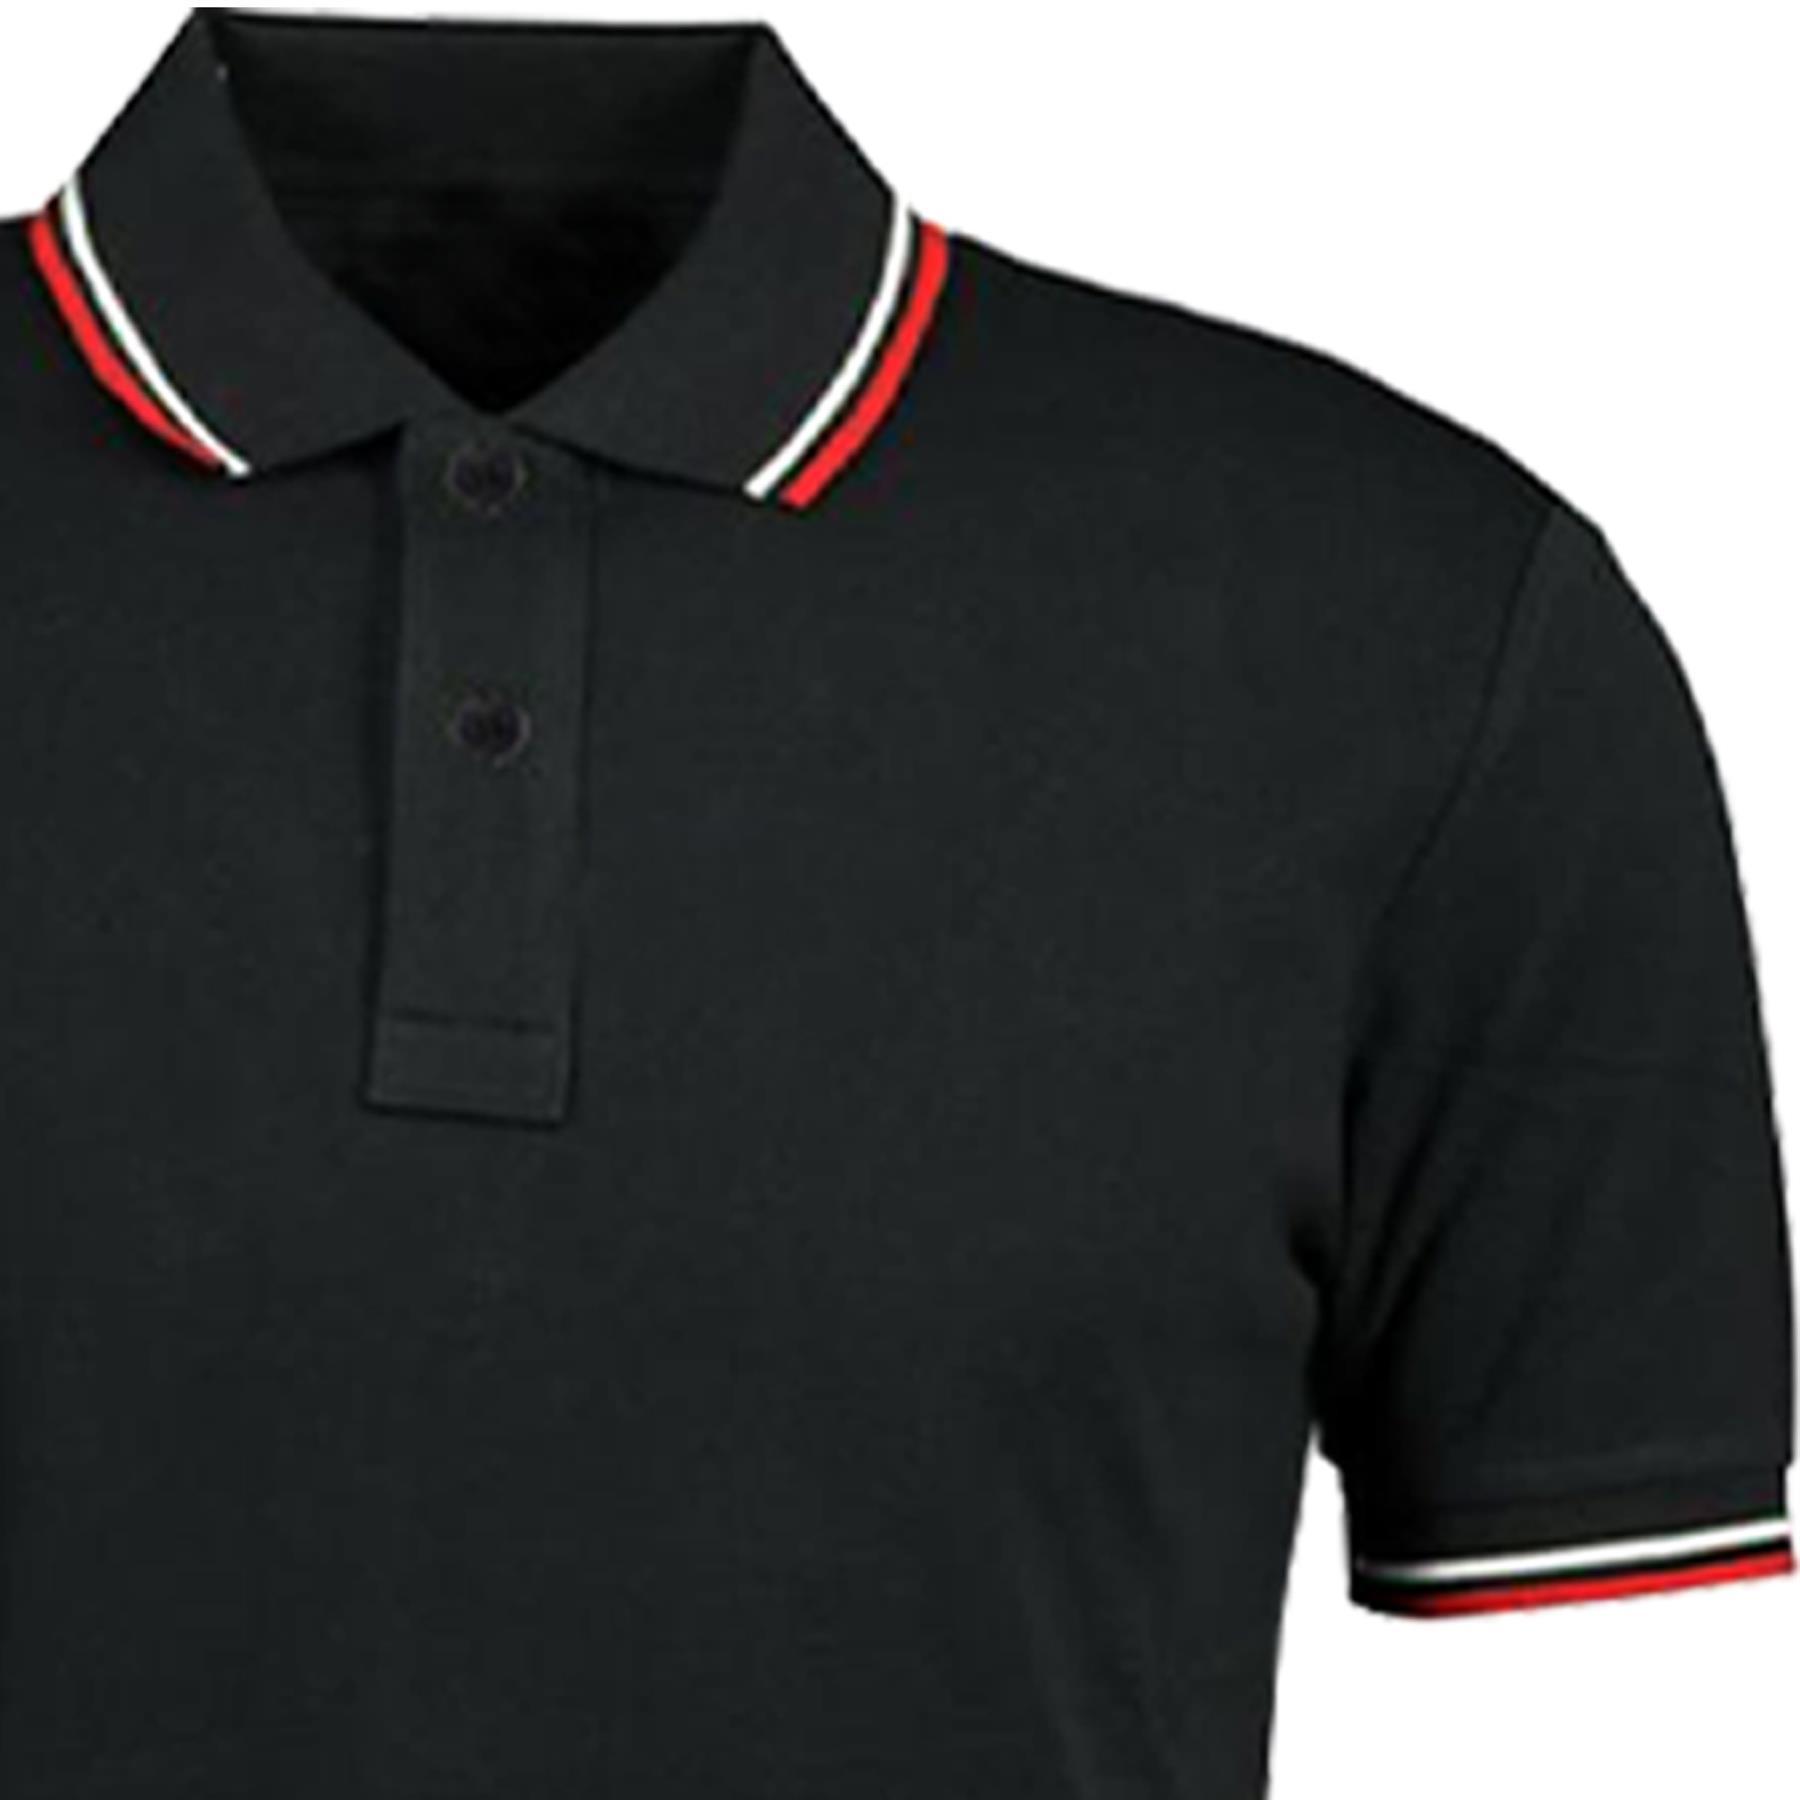 Indexbild 69 - Herren Polohemd Freizeit T-Shirts Neu Schlicht Kurzärmeliges Regular Fit